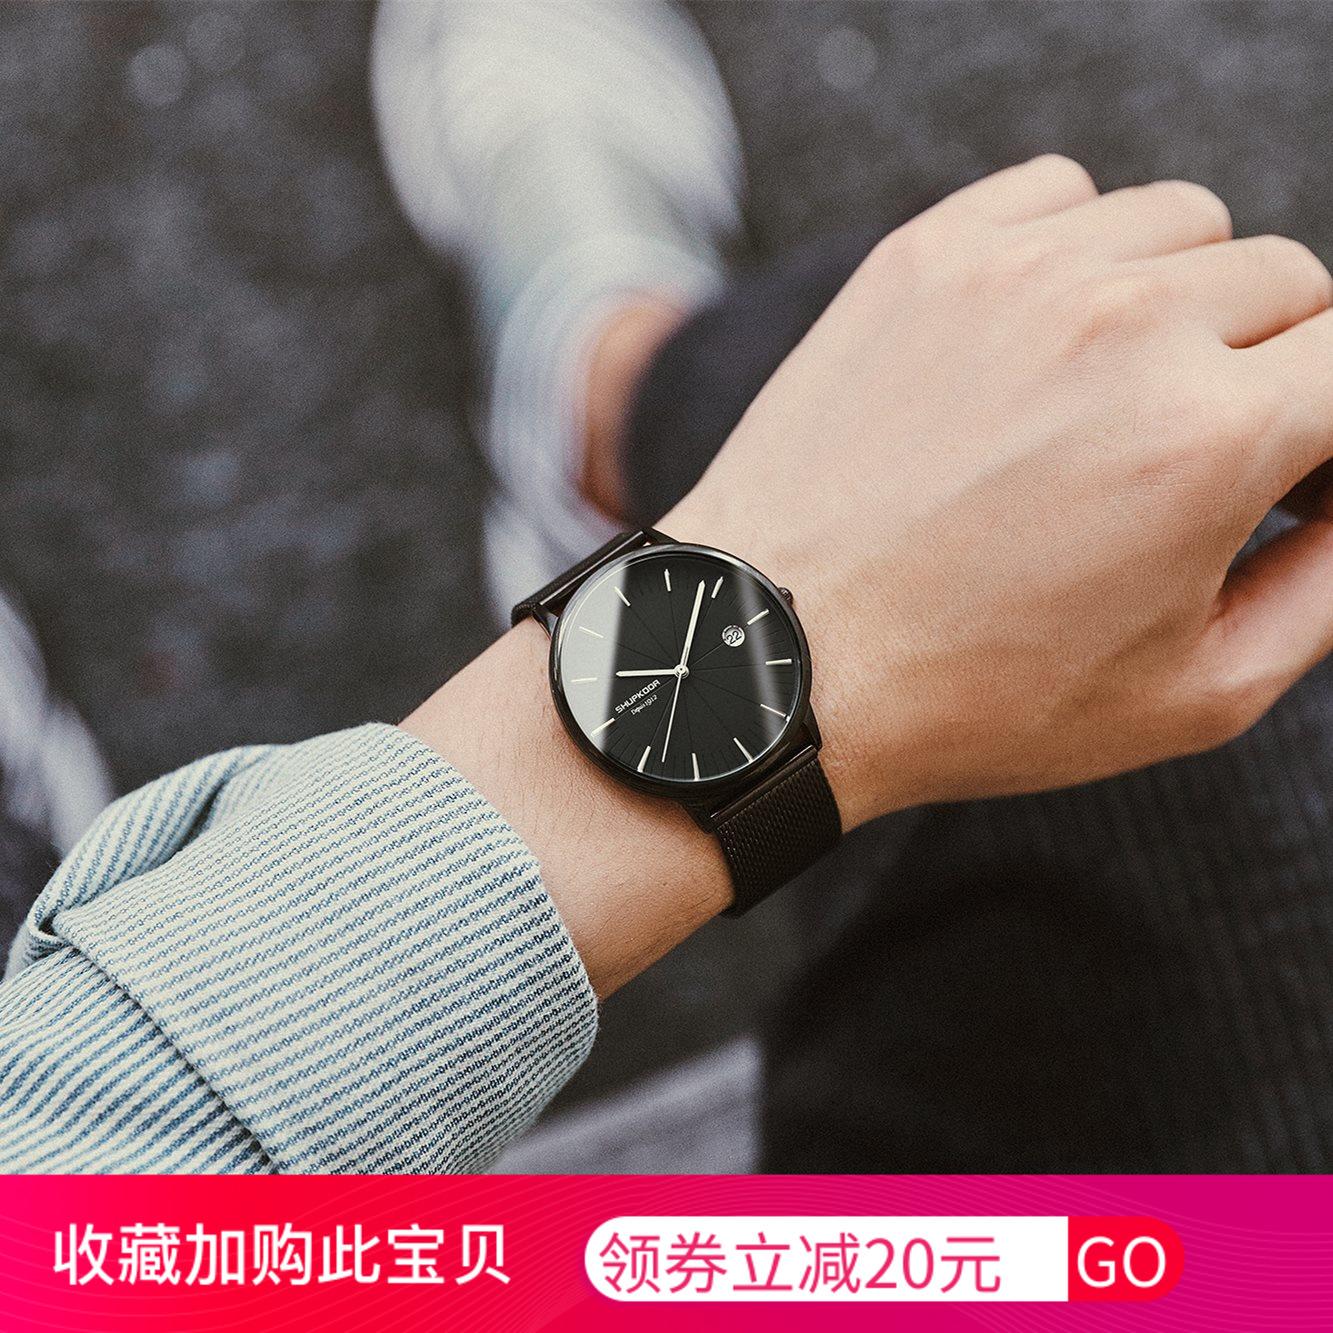 2019新款时尚简约休闲手表男孩高中学生青少年潮流韩版瑞士防水